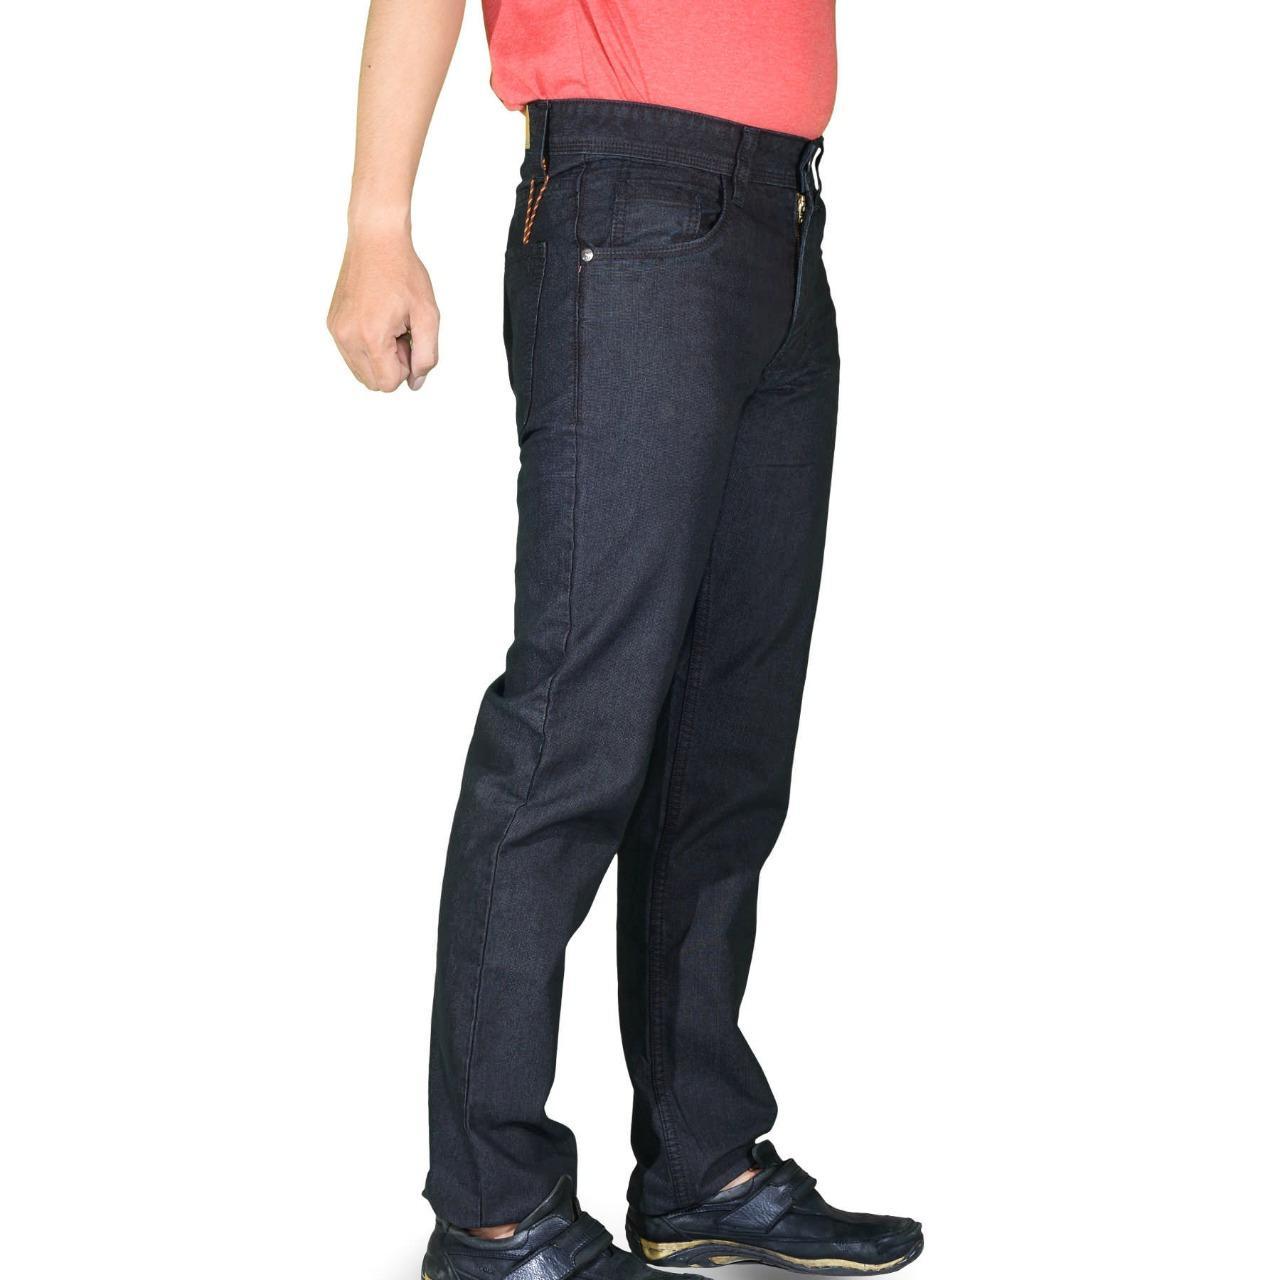 Emba Casual Celana Panjang Pria EPA 012 Modern Basic - Overdyed Black